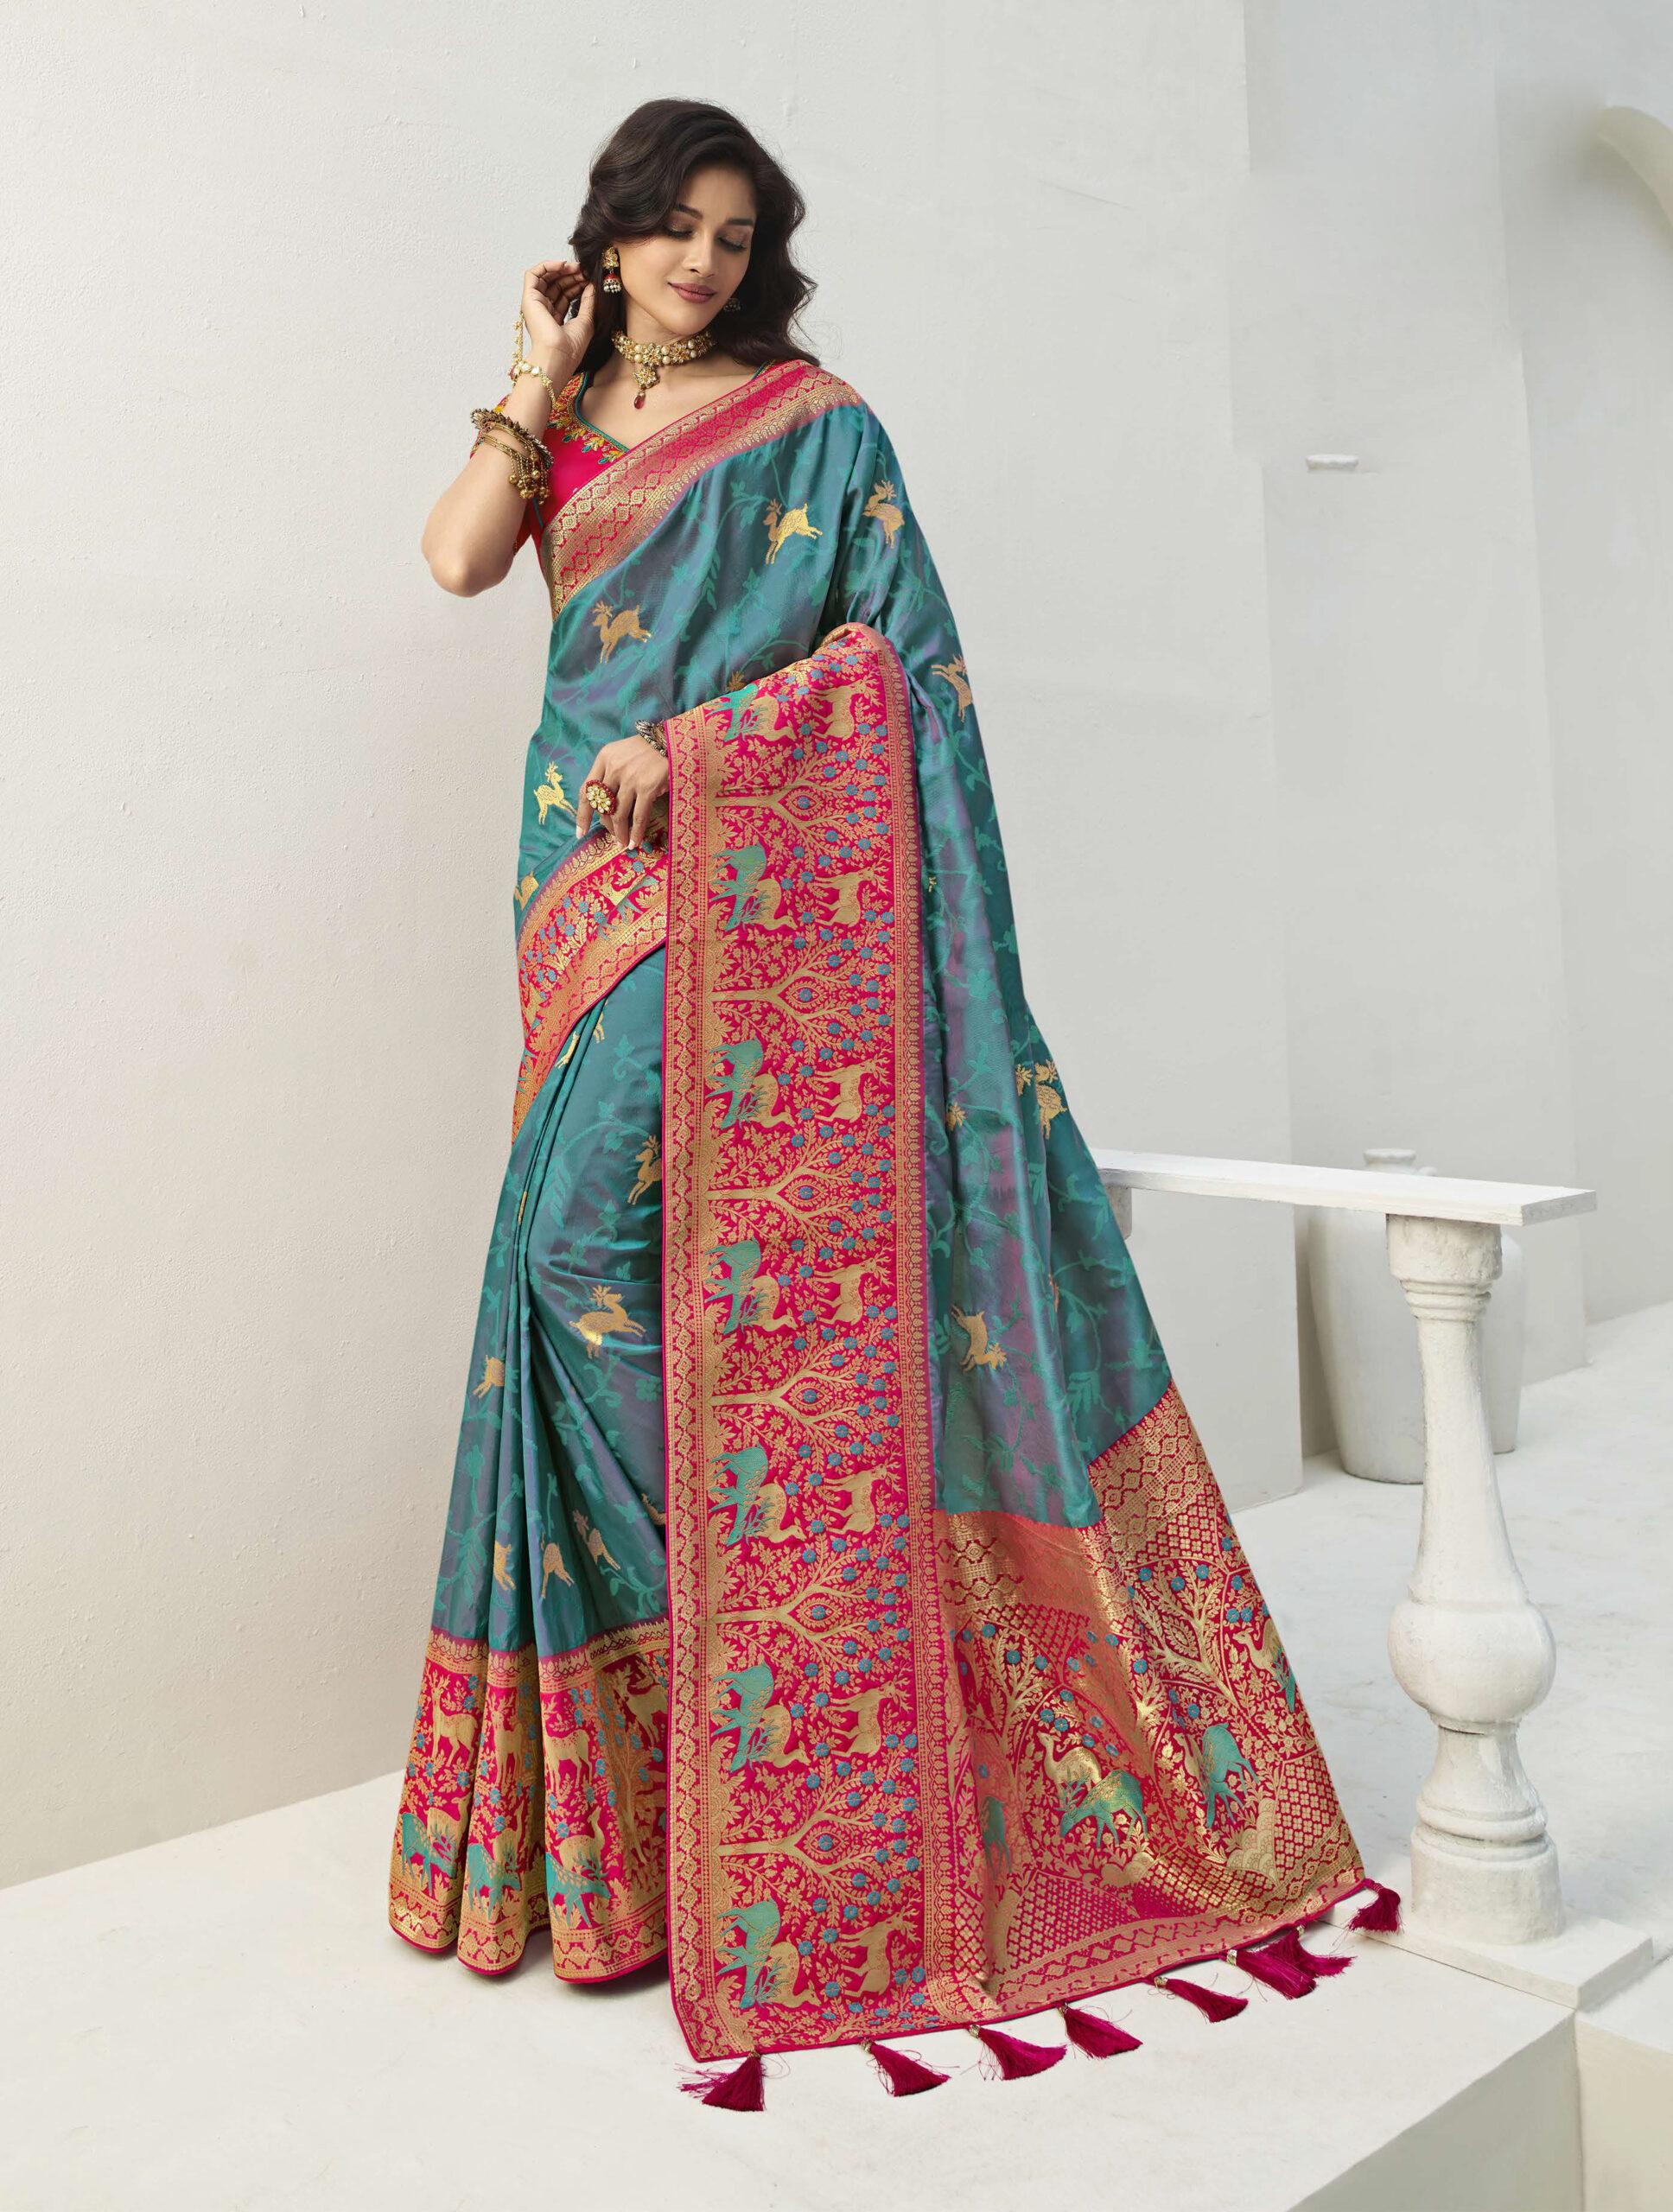 Banarasi Silk Latest Saree Trends 2021